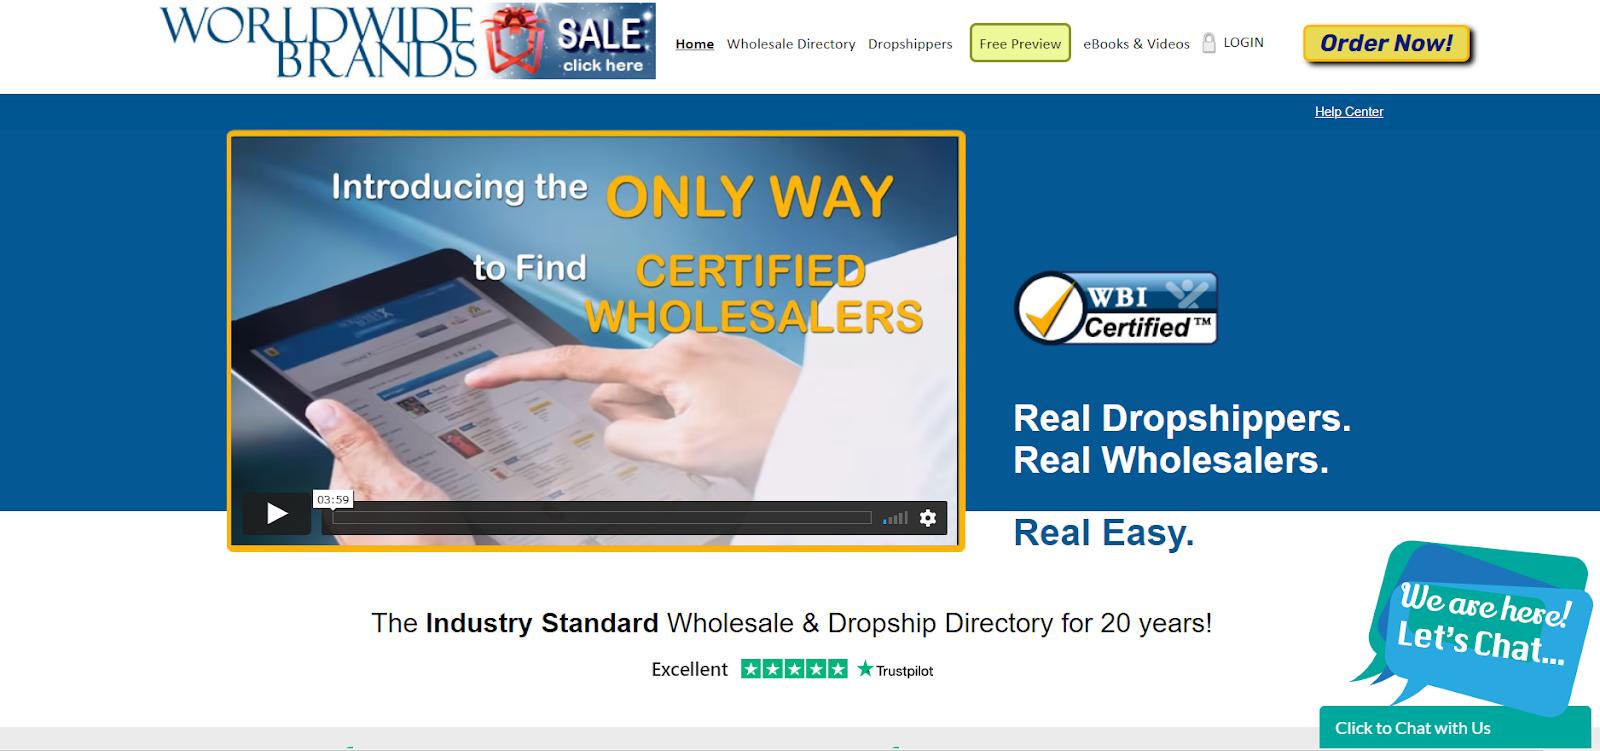 worldwide brands dropshipping website